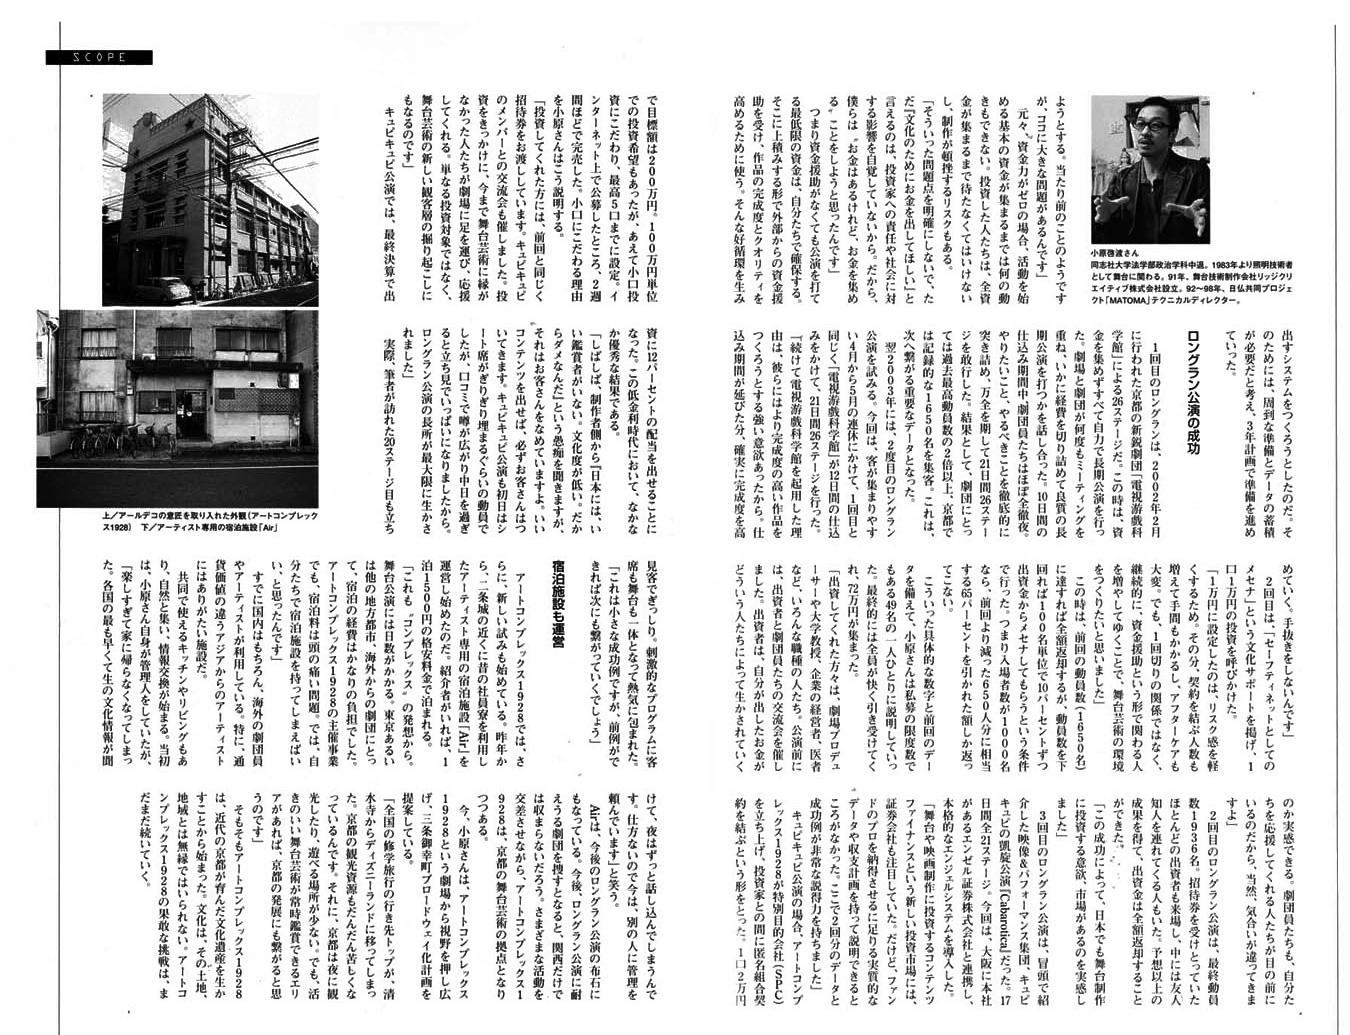 20061223-2003tiikisouzou_2.jpg